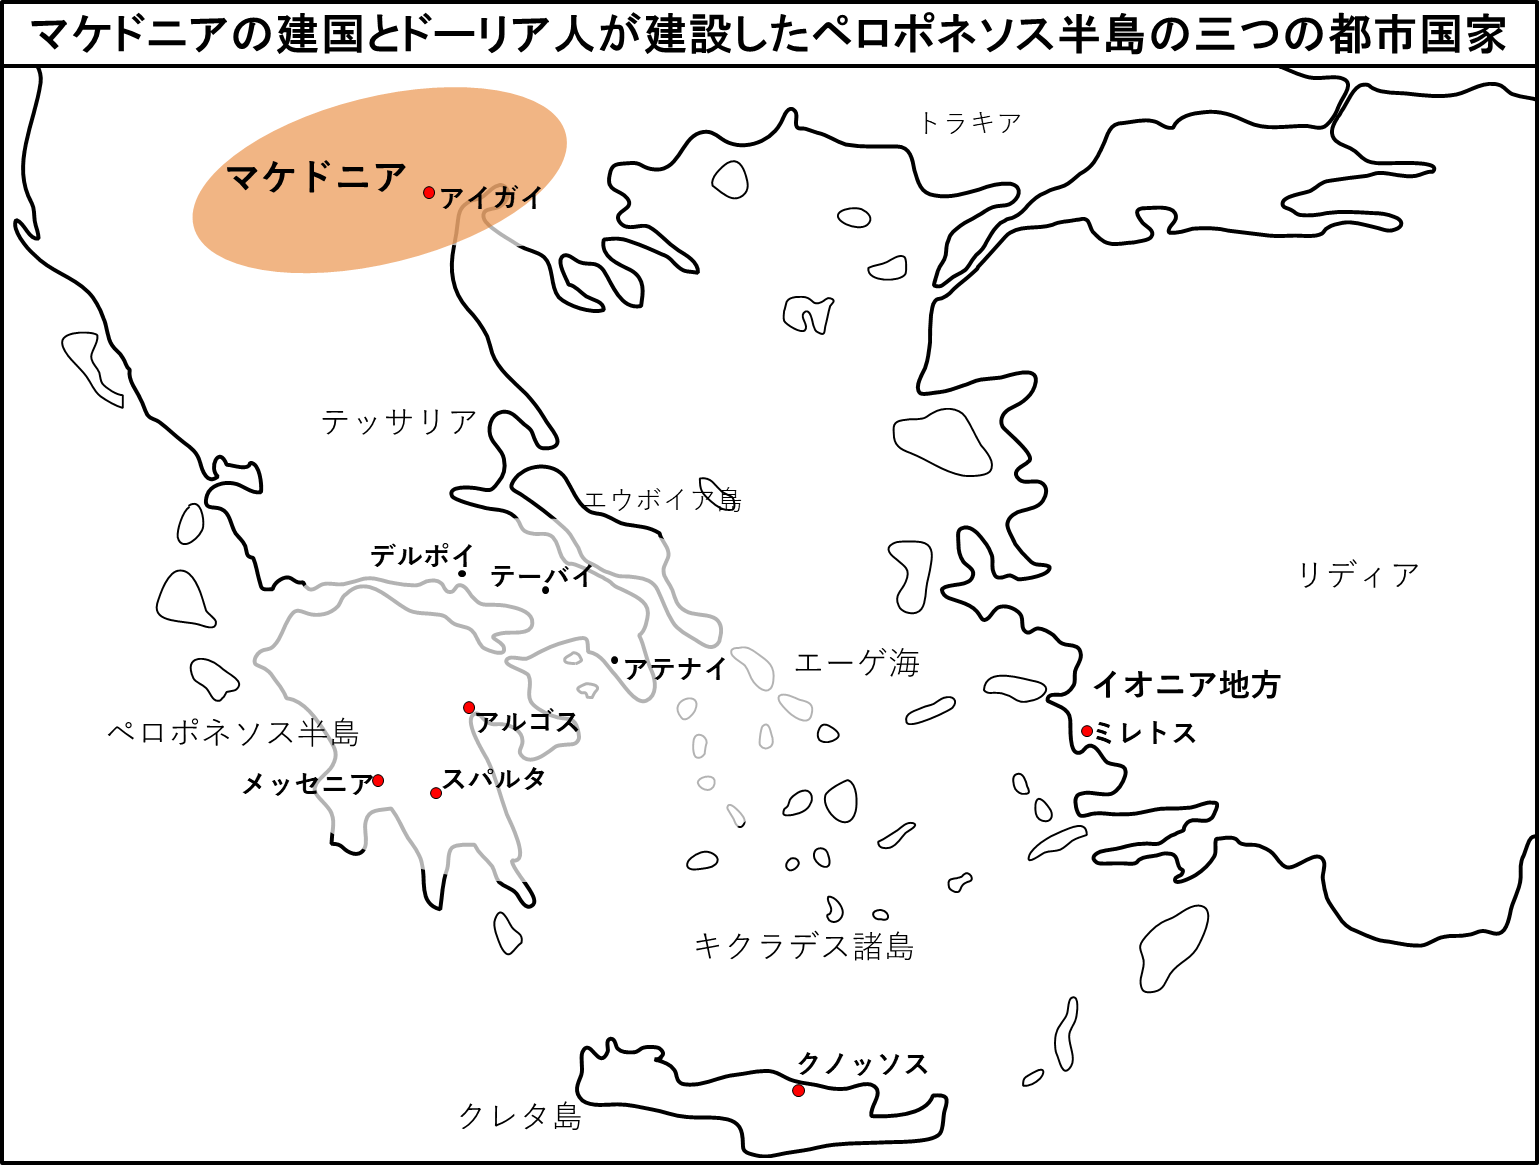 マケドニアの建国とドーリア人が建設したペロポネソス半島の三つの都市国家